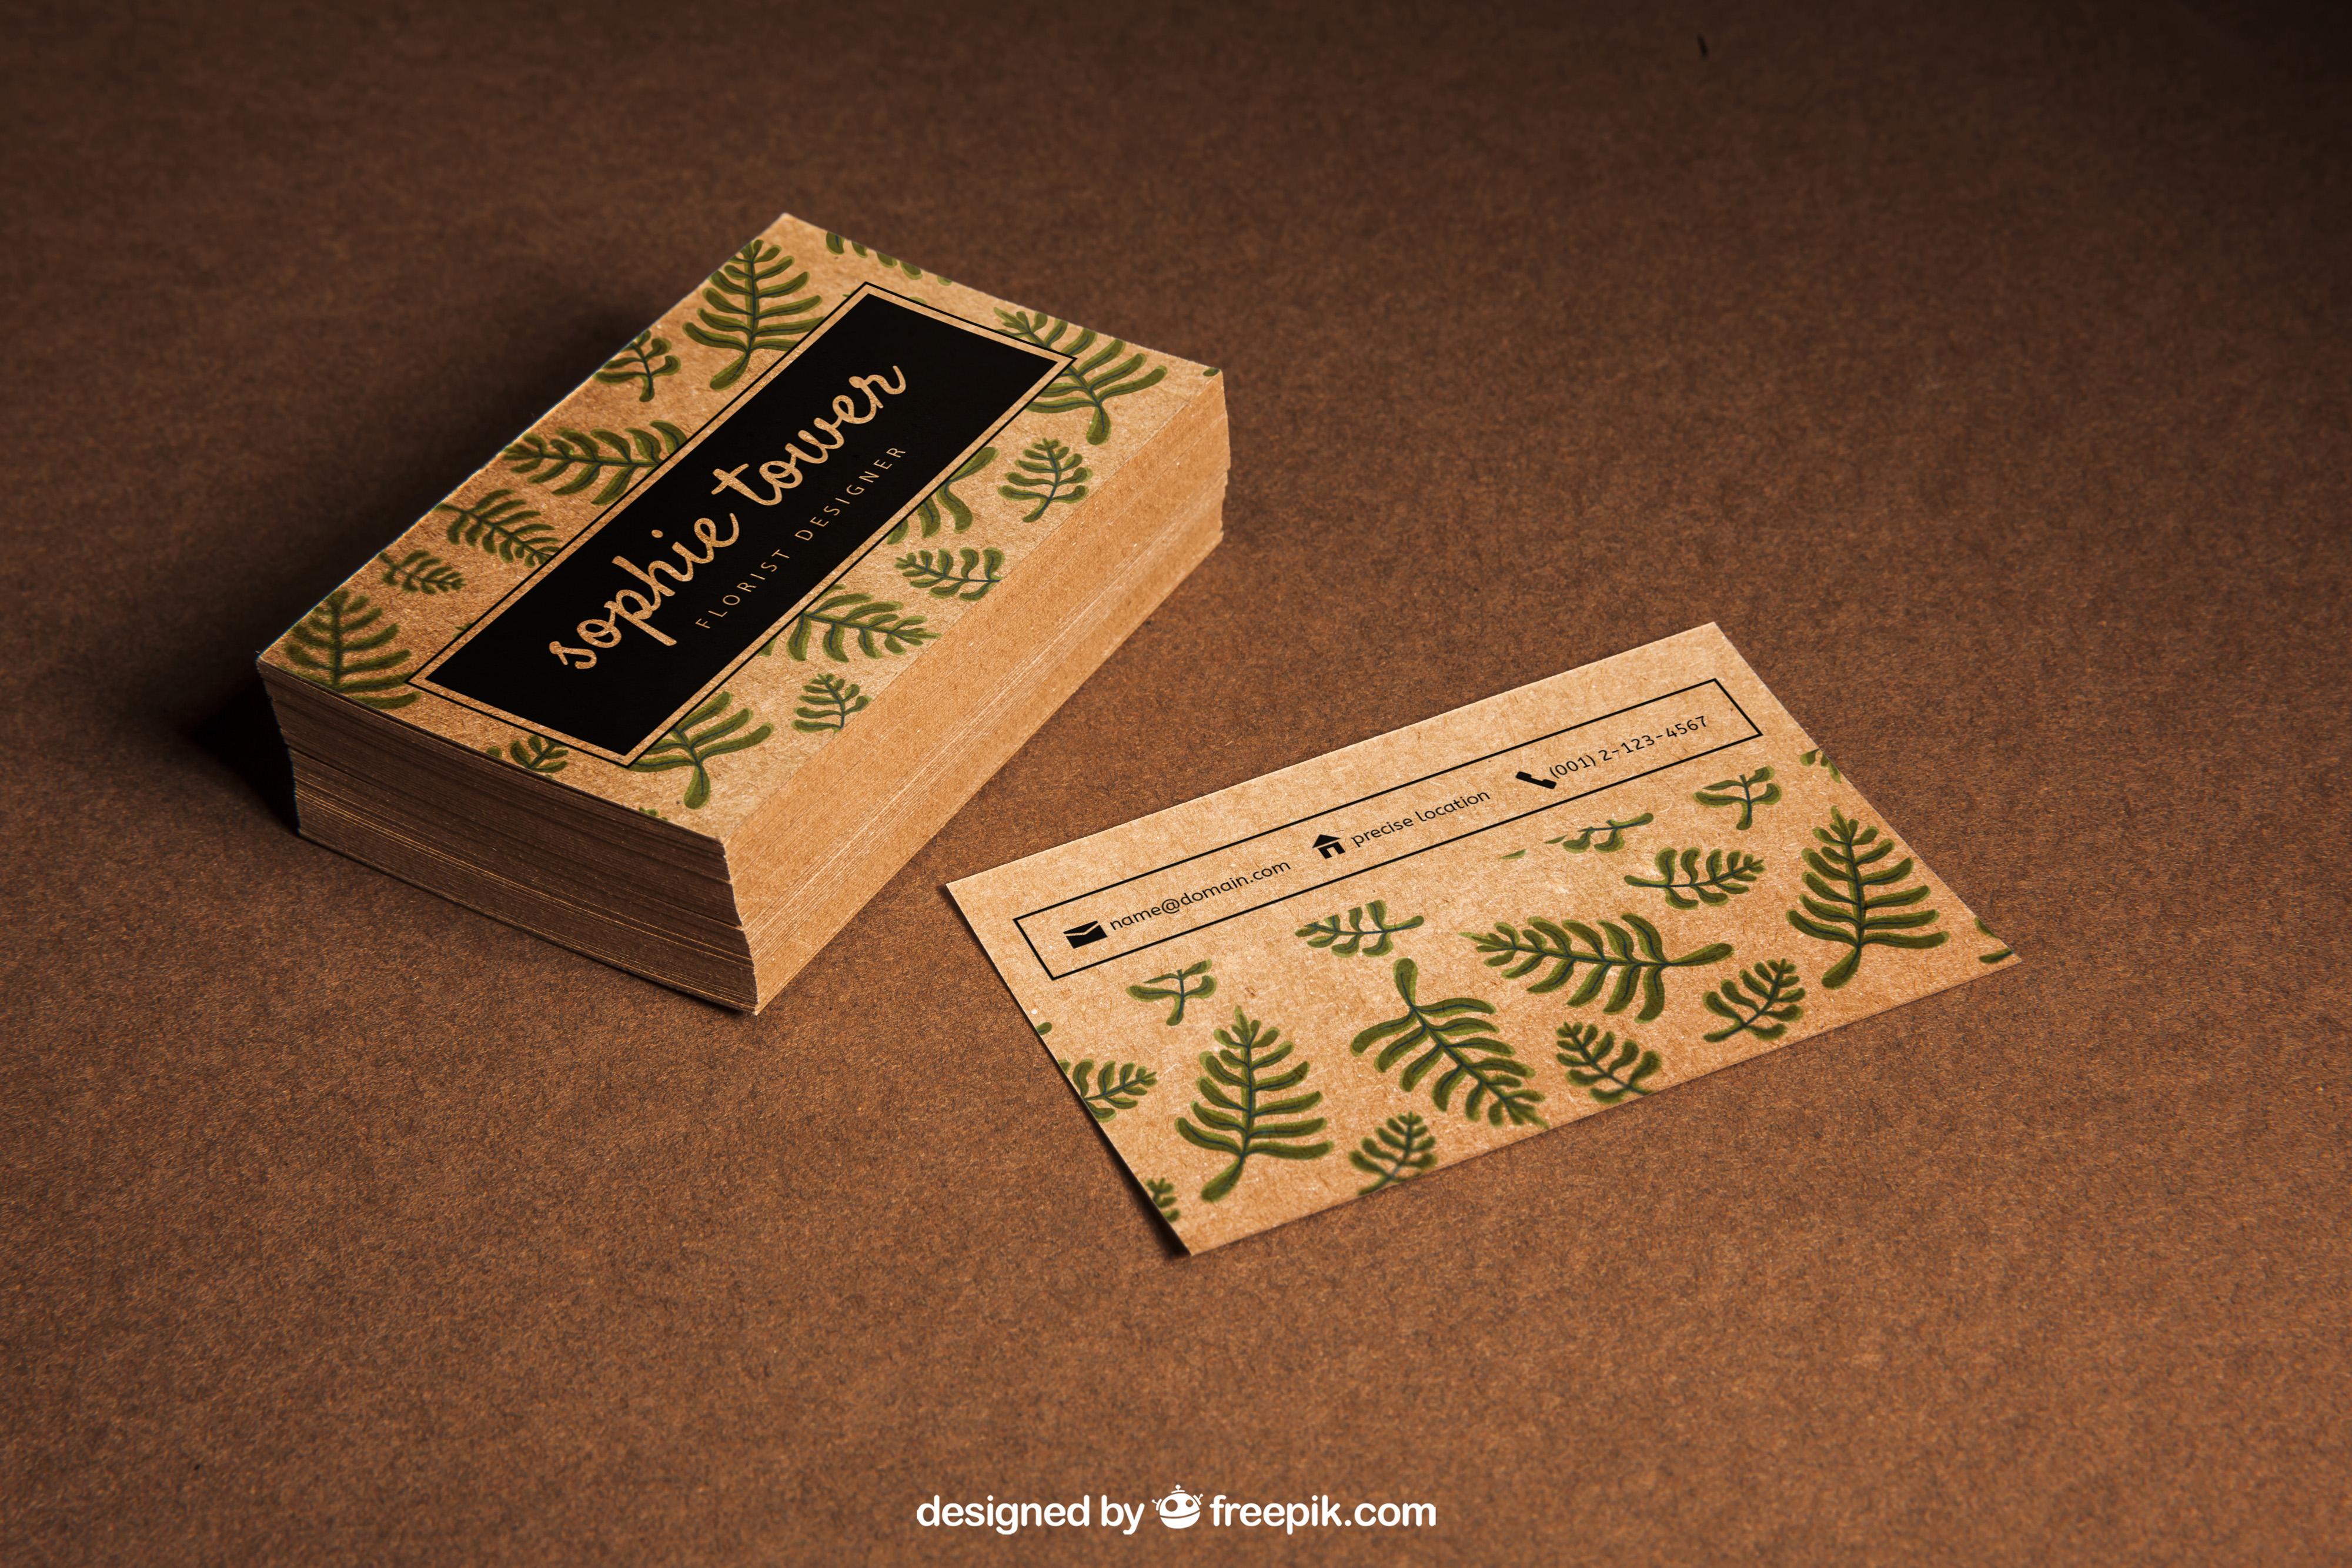 wizytówki z papieru ekologicznego